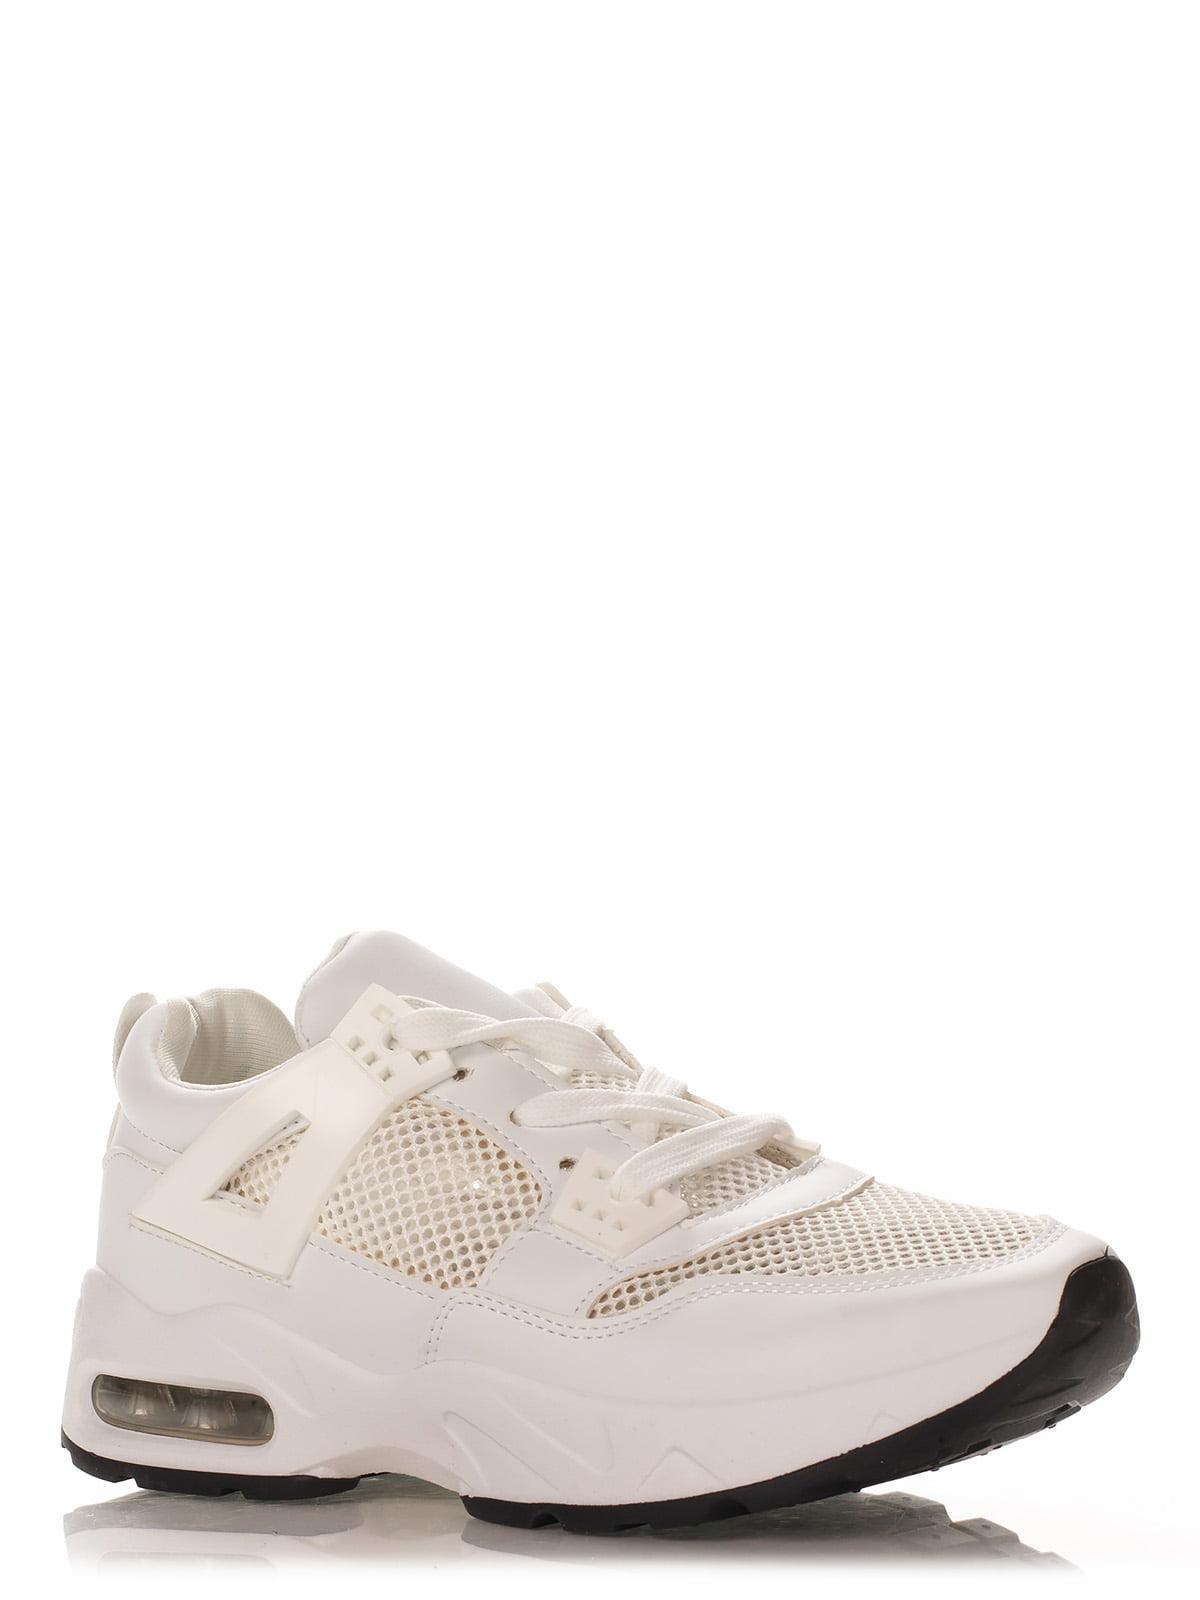 Кроссовки белые | 4001885 | фото 2